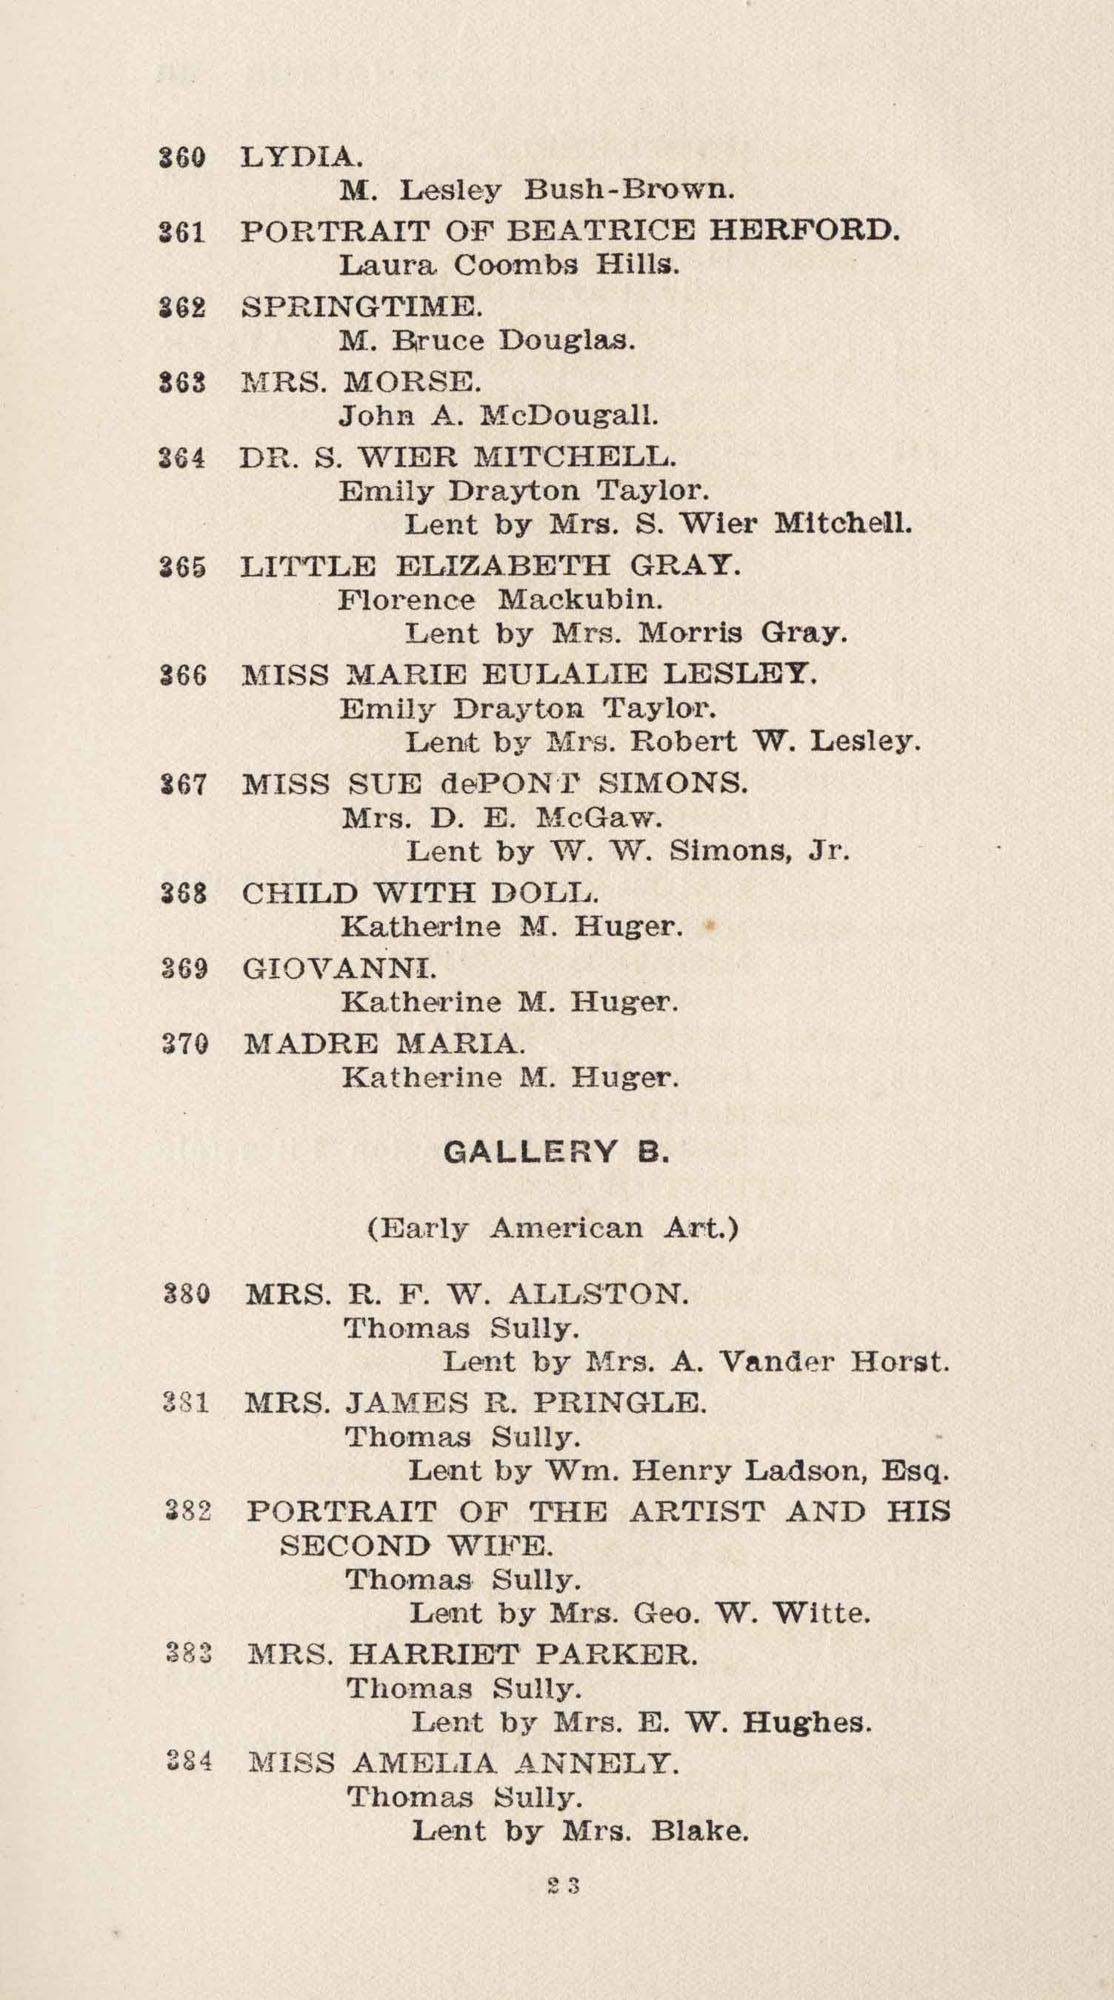 Catalogue, 360-384